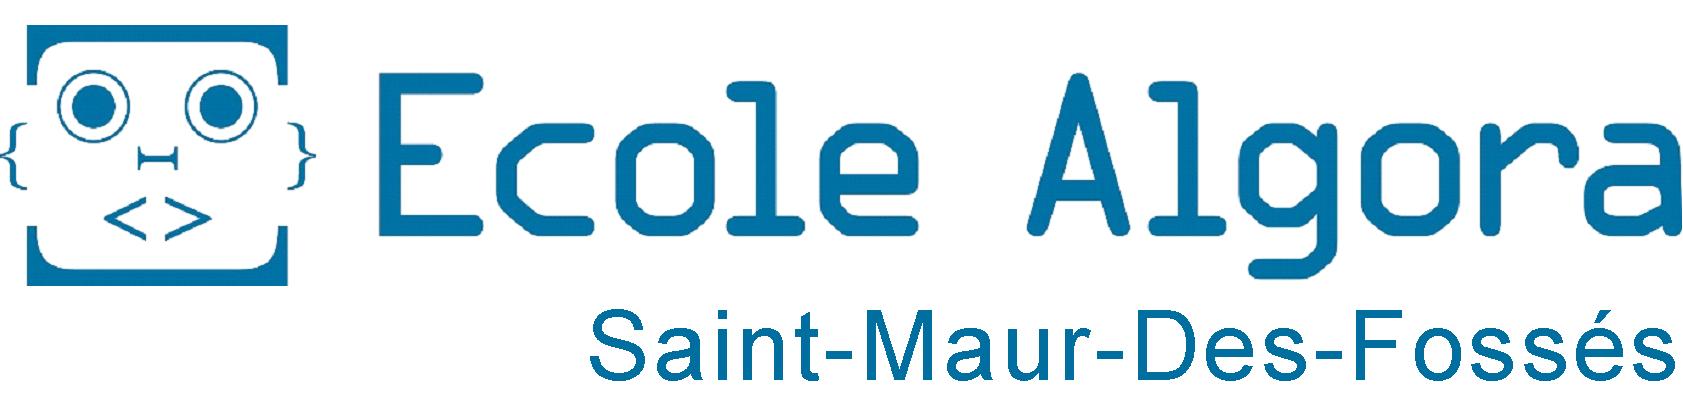 Algora Saint-Maur-des-Fossés, école du numérique, stage vacances scolaires